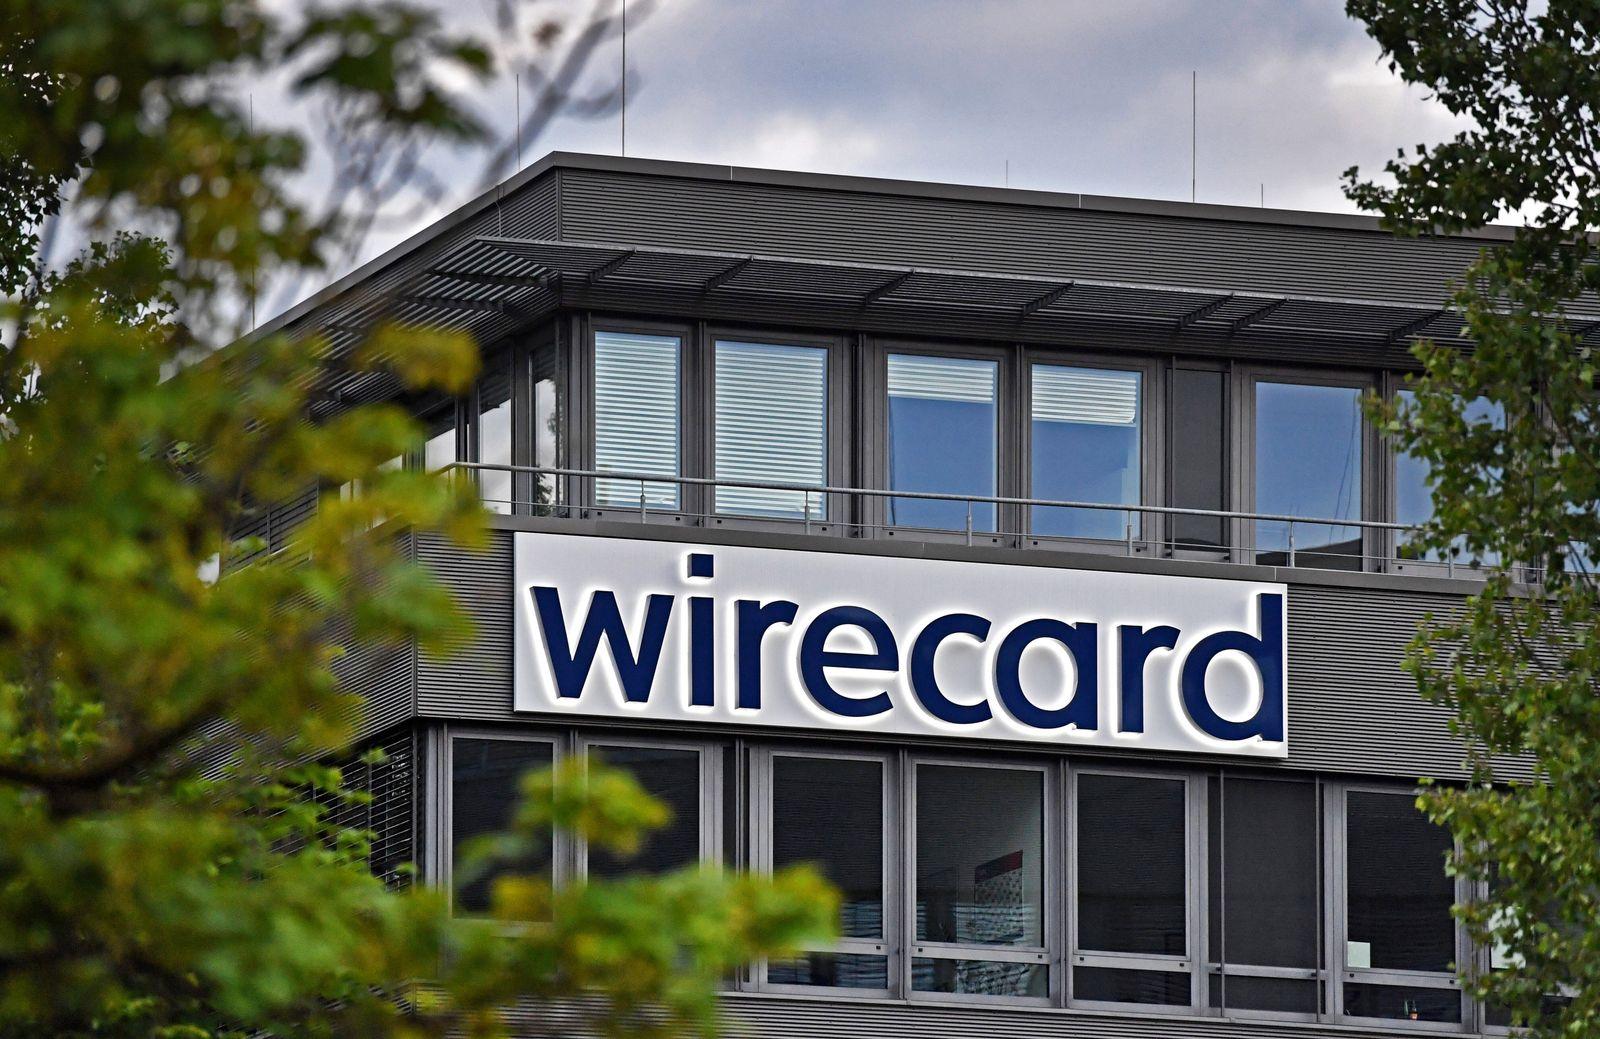 Abendstimmung am Sitz der wirecard AG in Aschheim Dornach. wirecard Logo, Firmenemblem,Schriftzug ,Gebaeude, Fassade,Sit